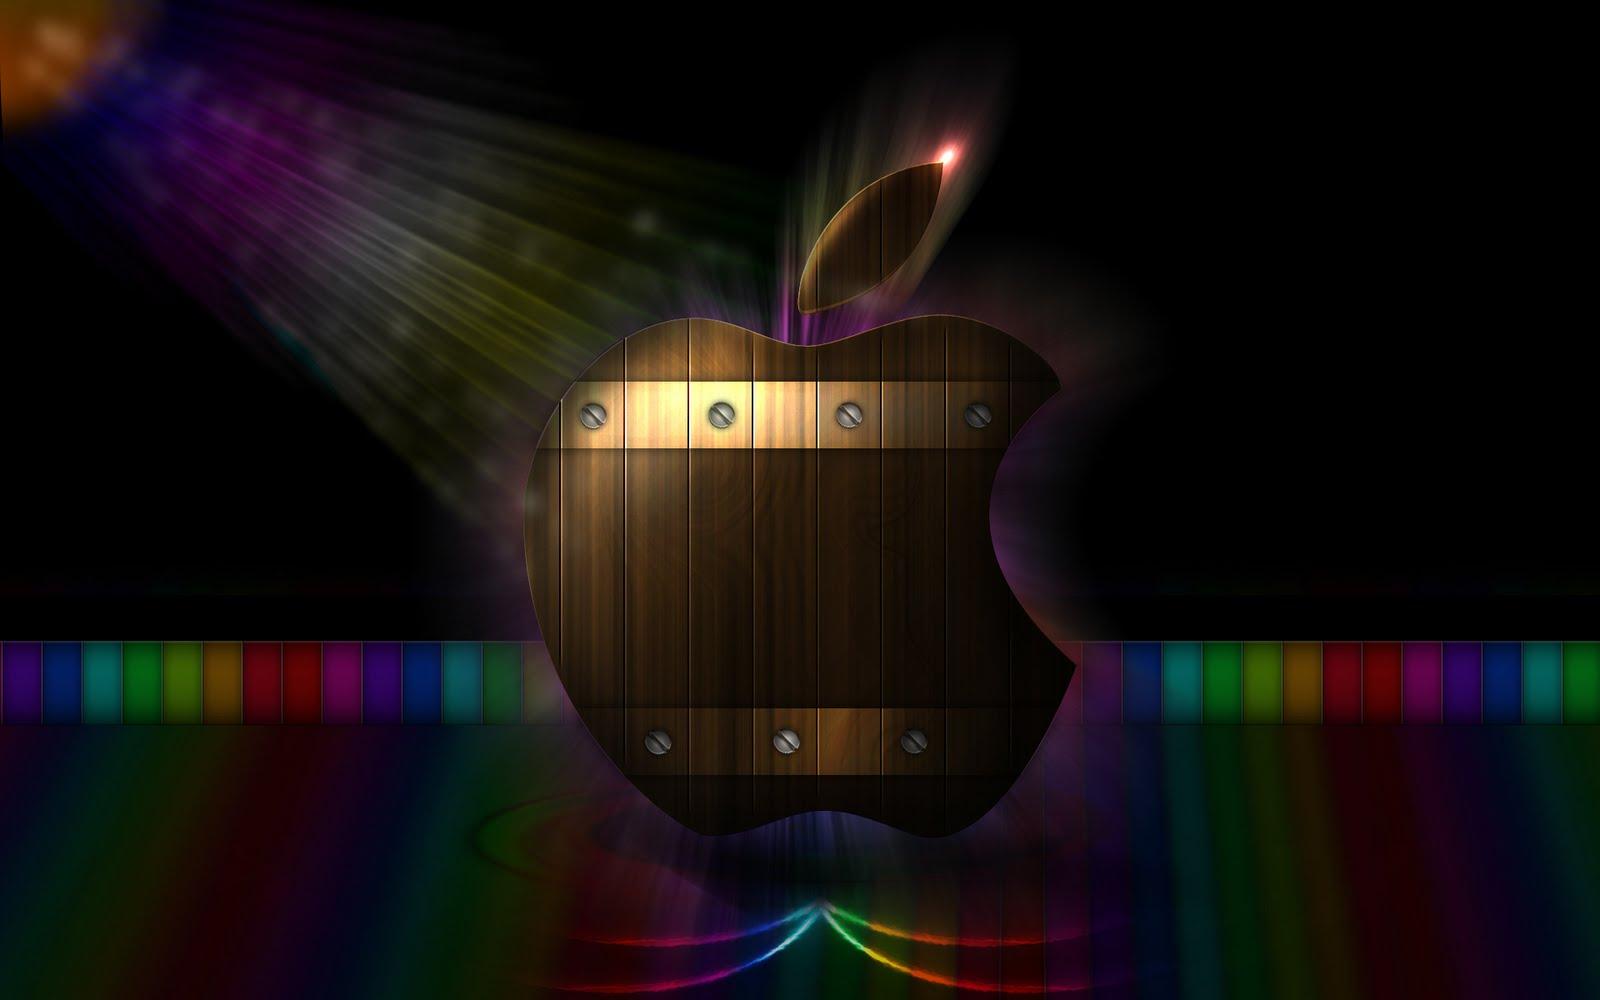 http://3.bp.blogspot.com/-u1g_Q3d2WtM/TY1TD6V0v_I/AAAAAAAAANA/zugzk45Shwk/s1600/wallpaper_apple_ii_by_vasupe-d39t5dz.jpg